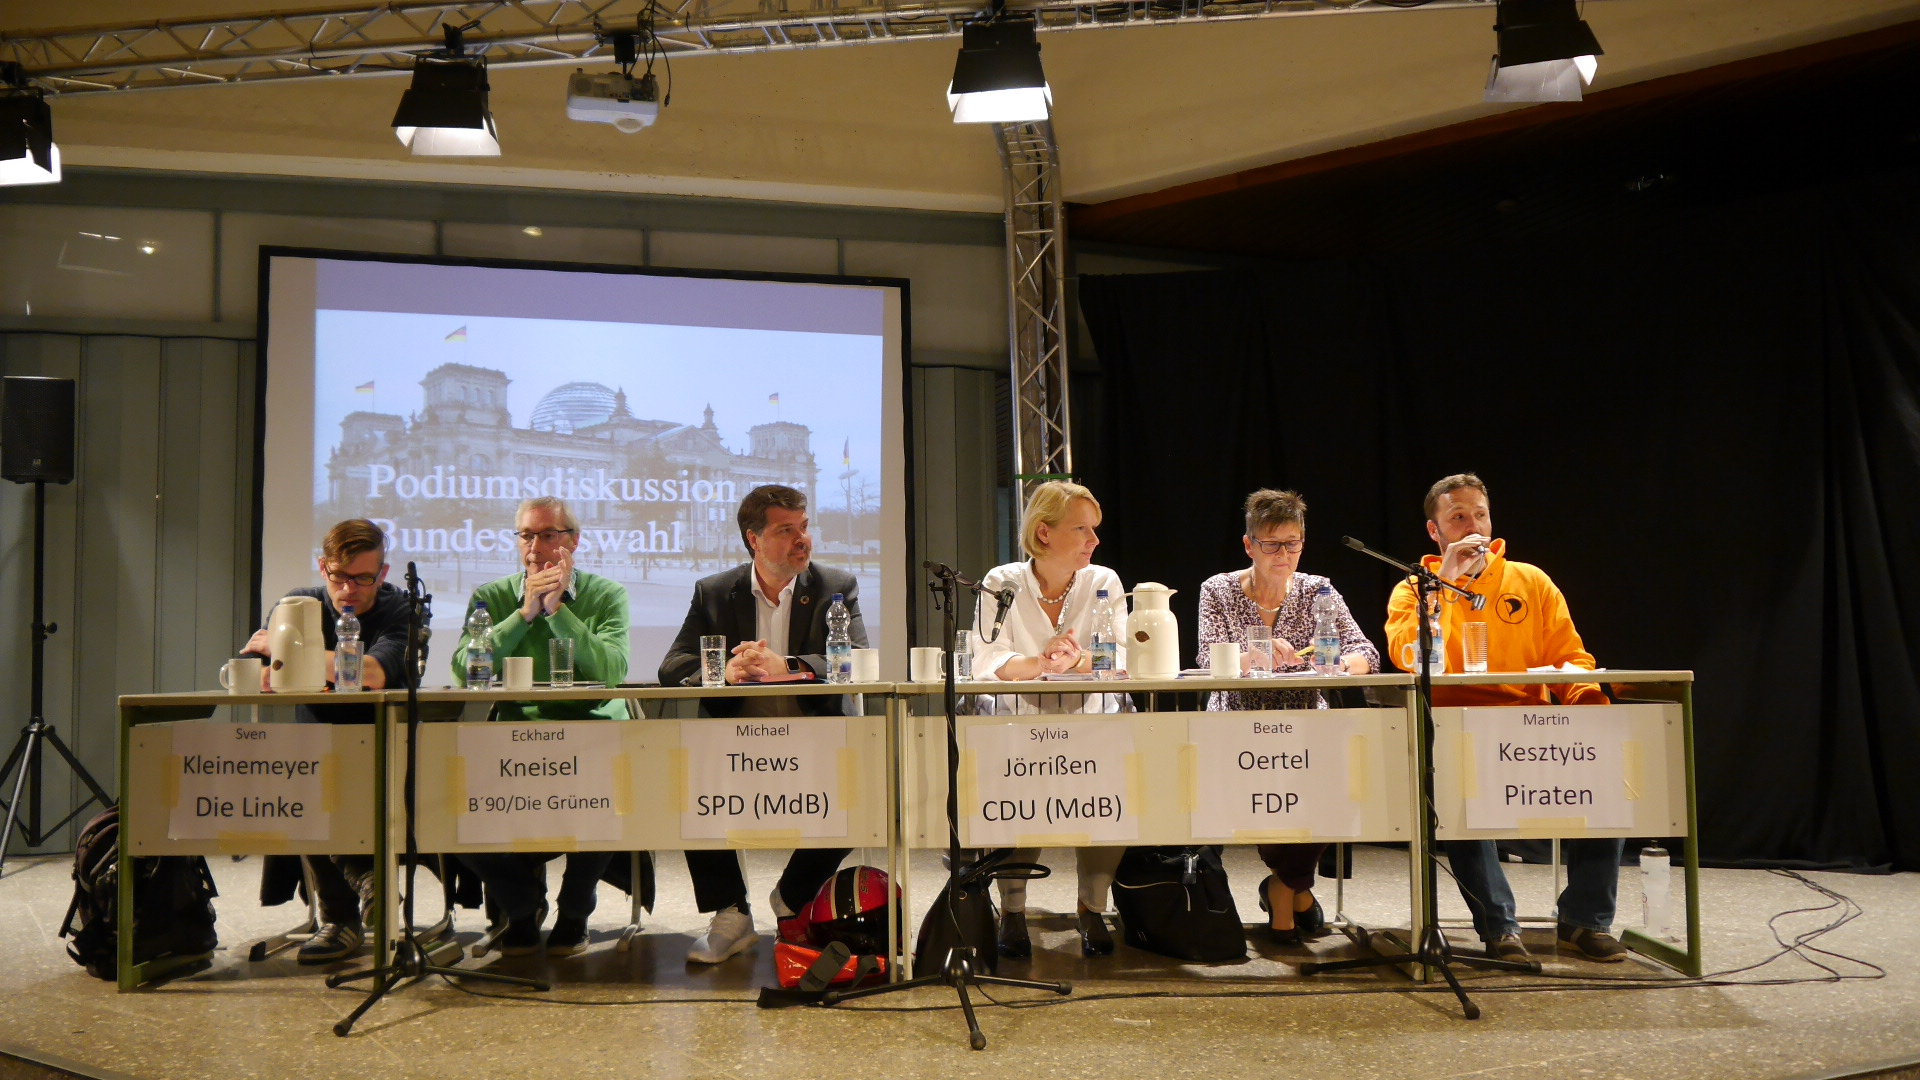 Podiumsdiskussion zur Bundestagswahl an der GSG